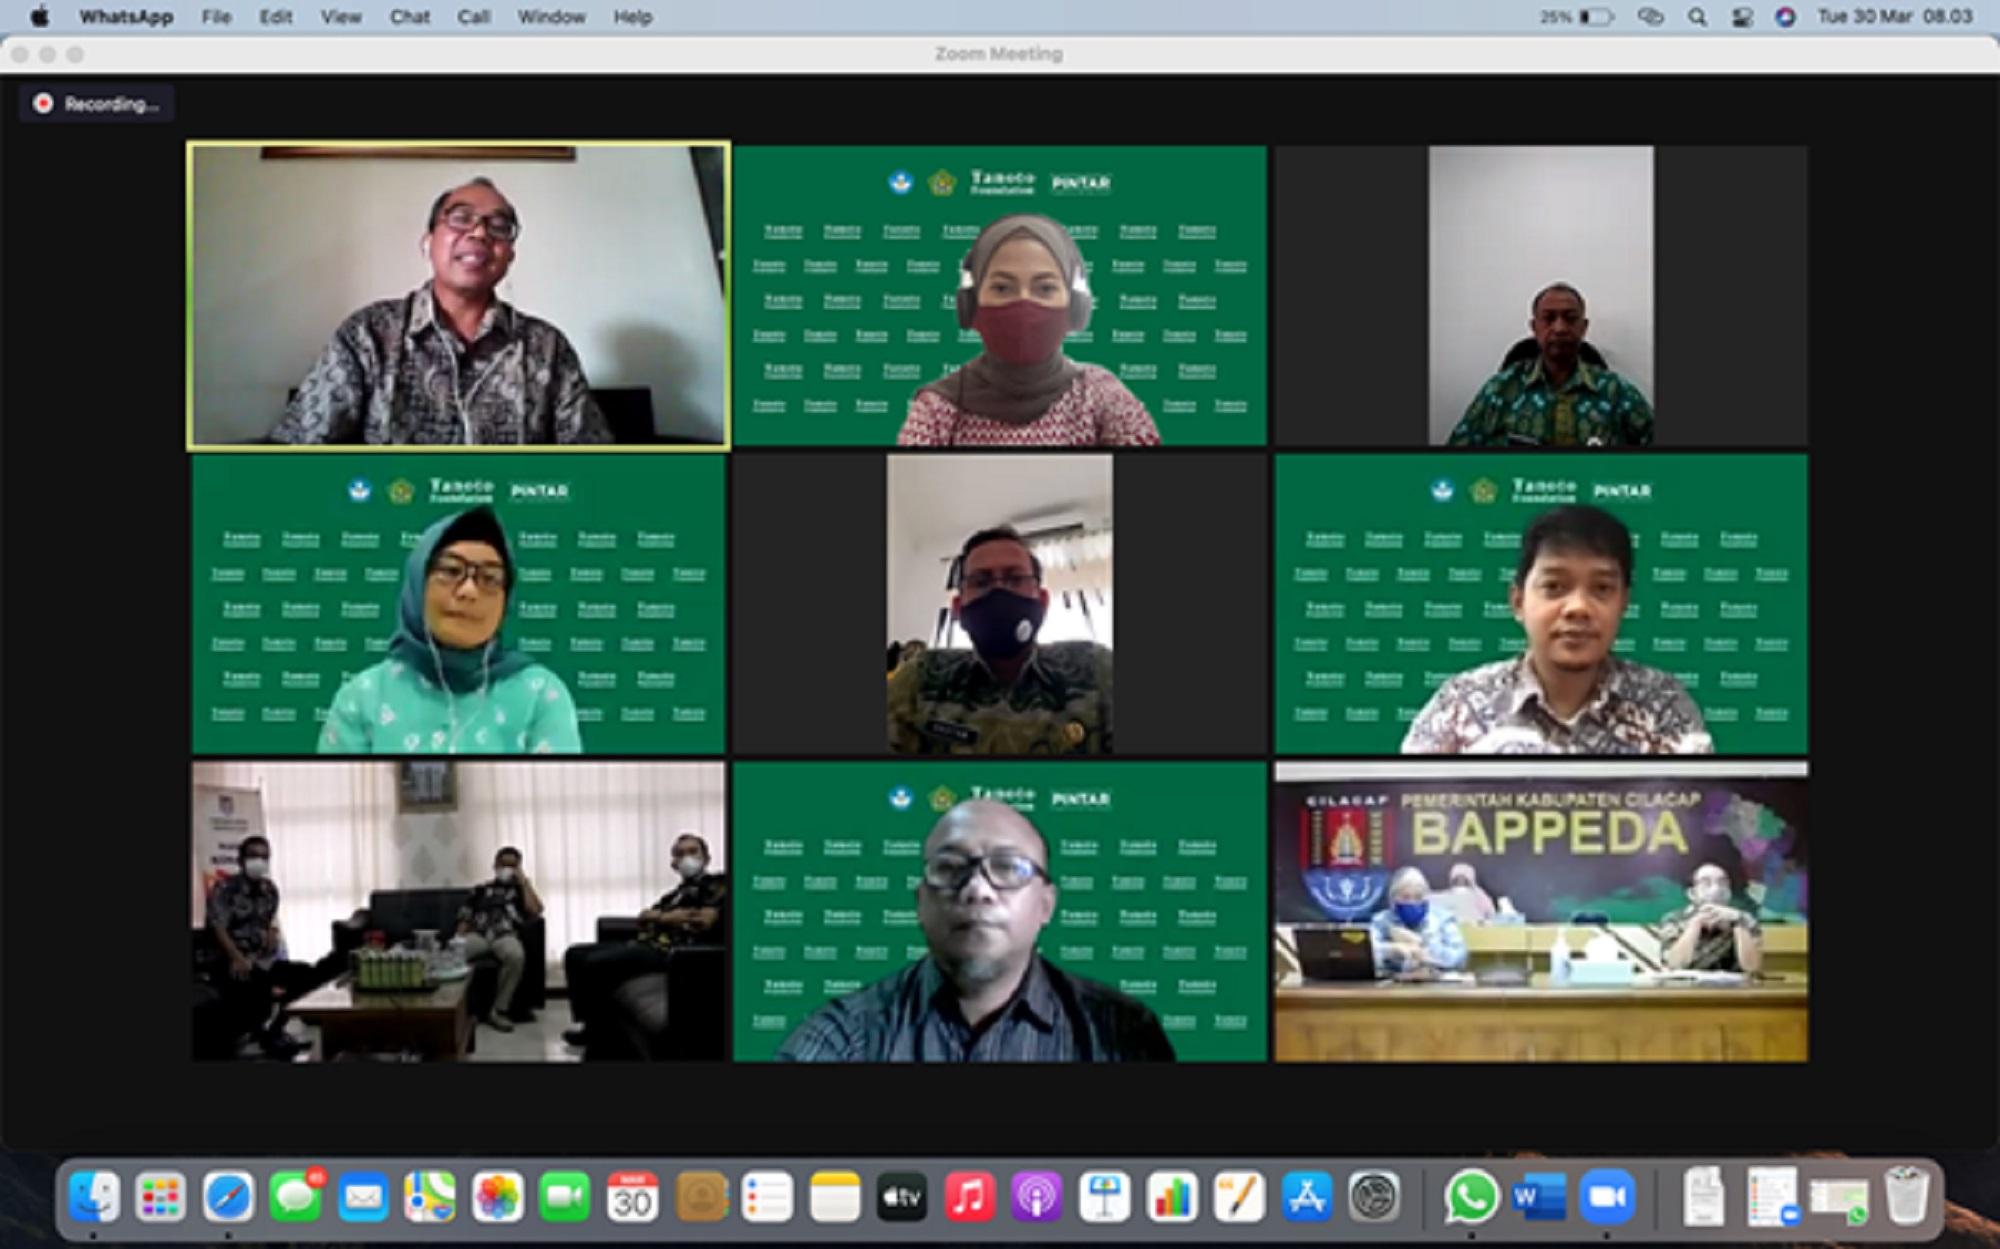 Peserta diskusi dari unsur Setda, Bappeda, Dinas Pendidikan, dan Perwakilan Tanoto Foundation.